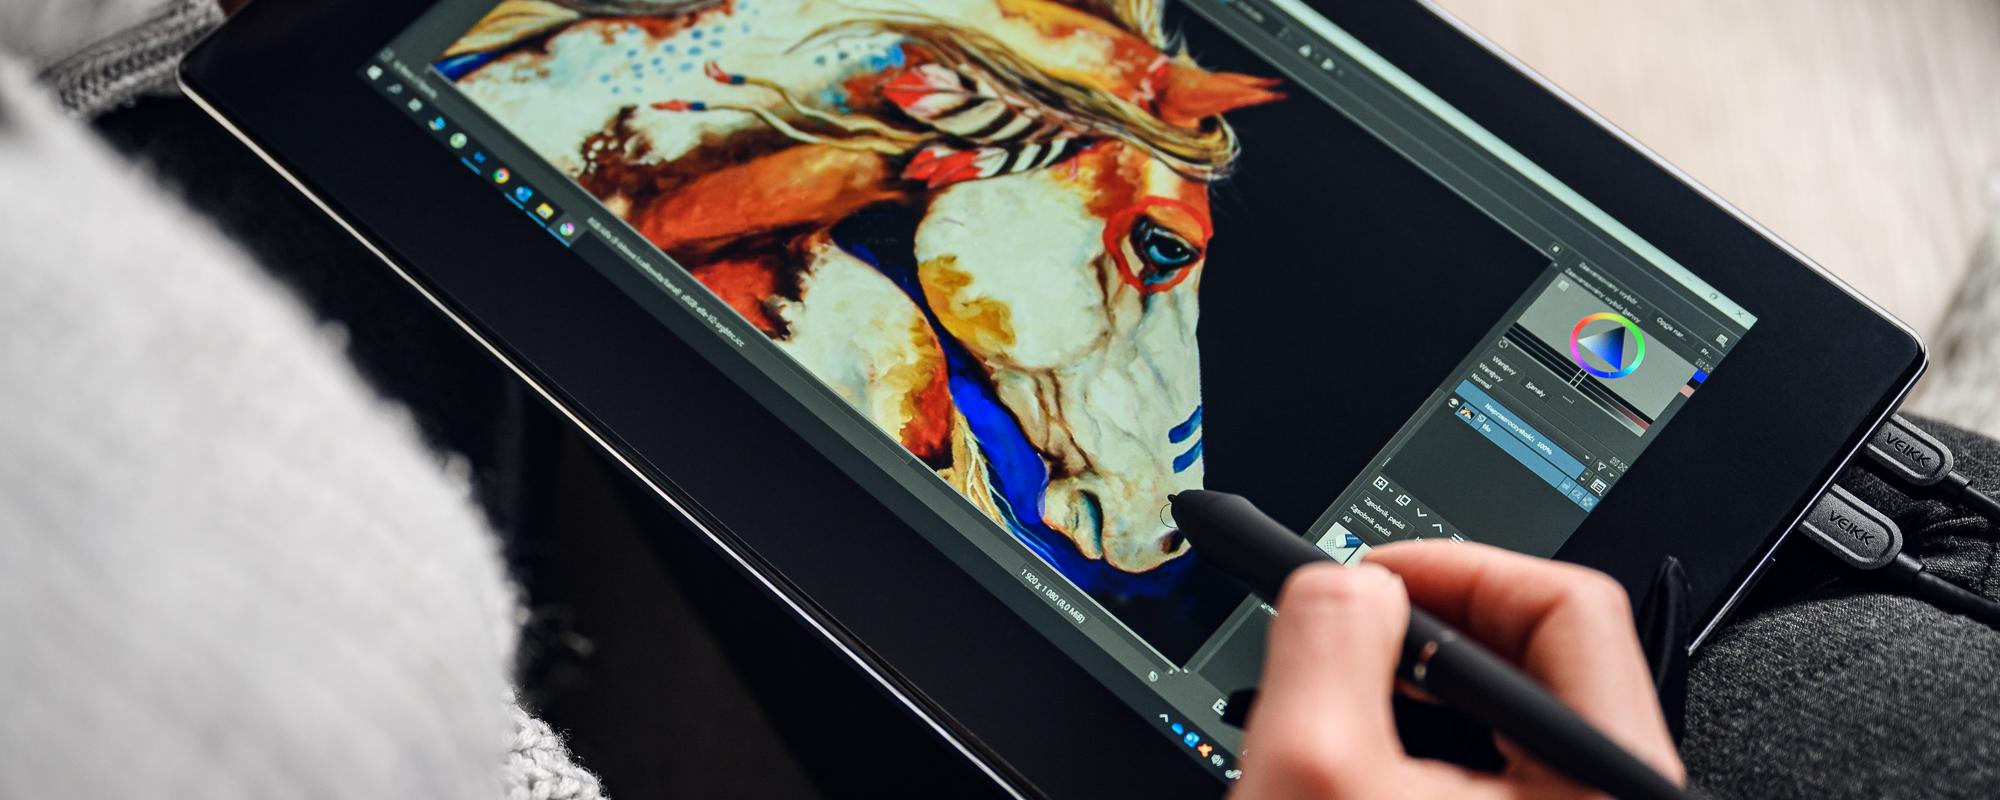 Zdjęcie - zbliżenie na dłoń i piórko oraz tablet graficzny z ekranem LCD Veikk VK1200